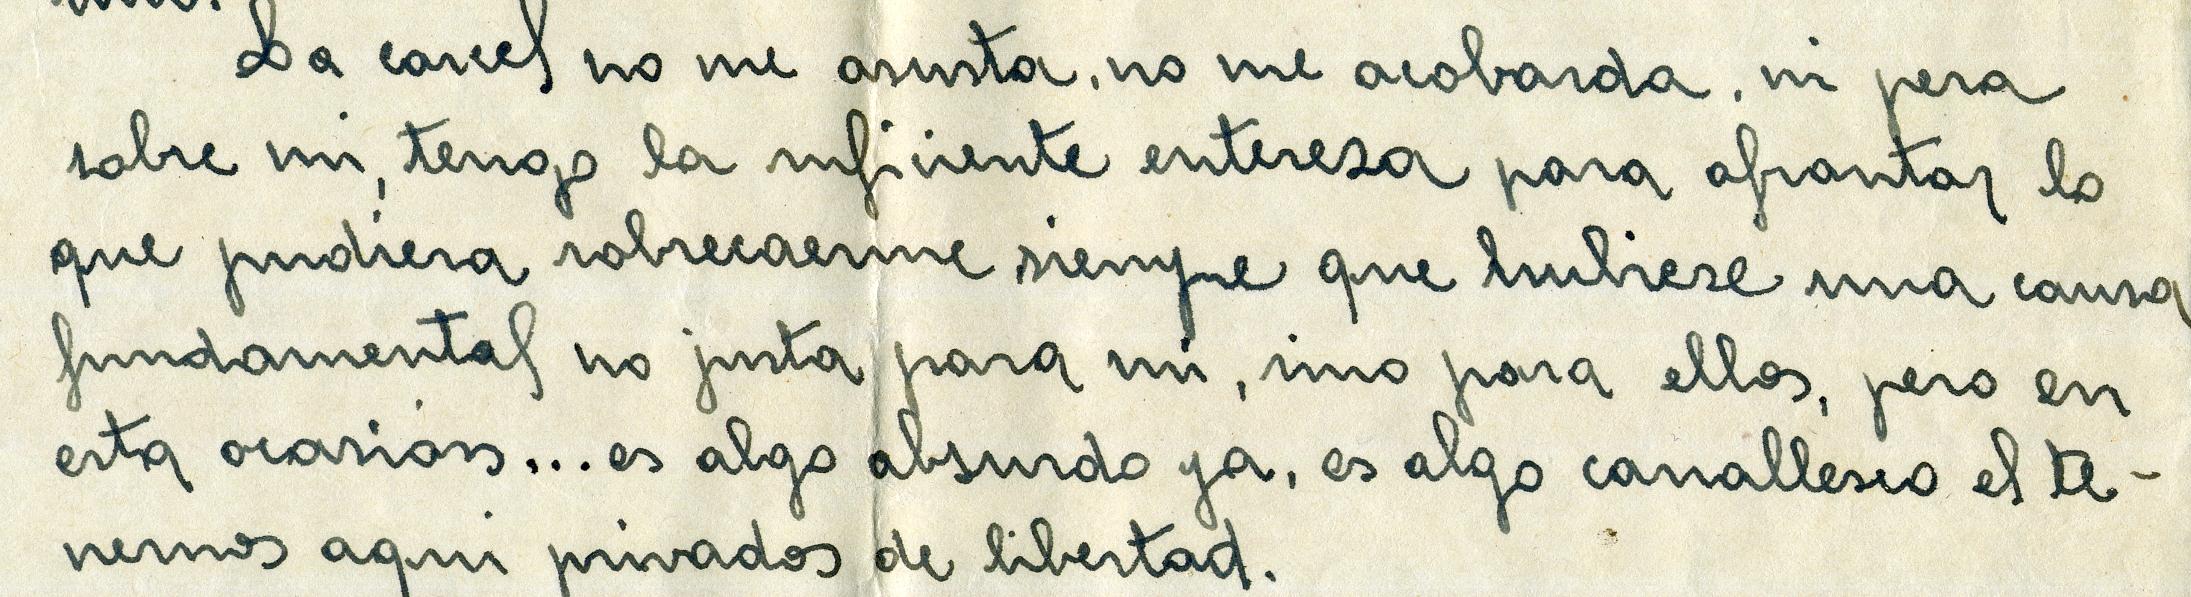 Extracto-carta-Nicolás